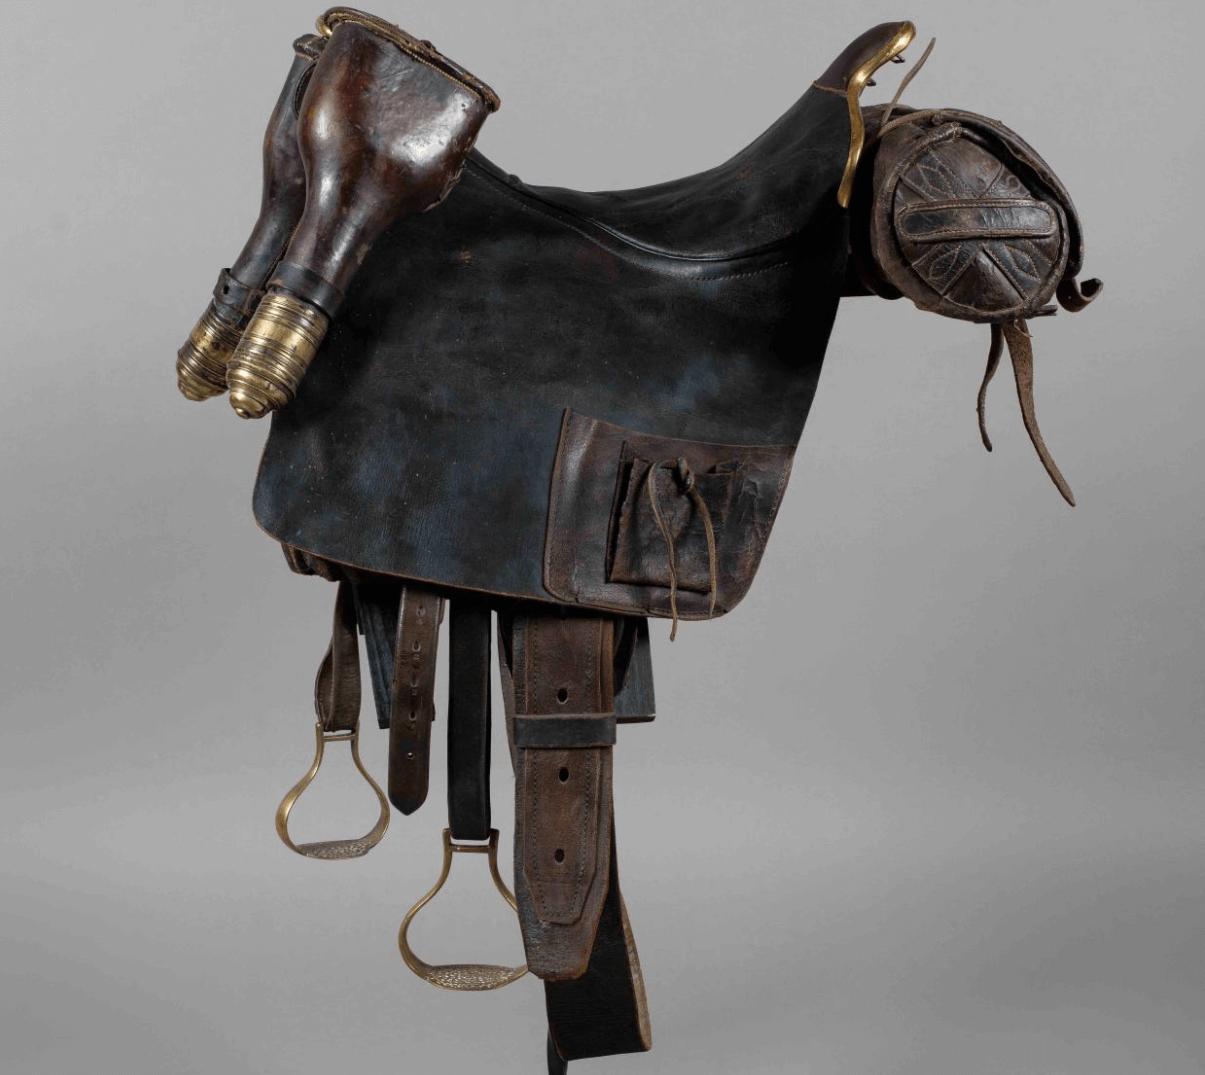 L'inspiration de l'Europe - Part 1 - The Military Horse